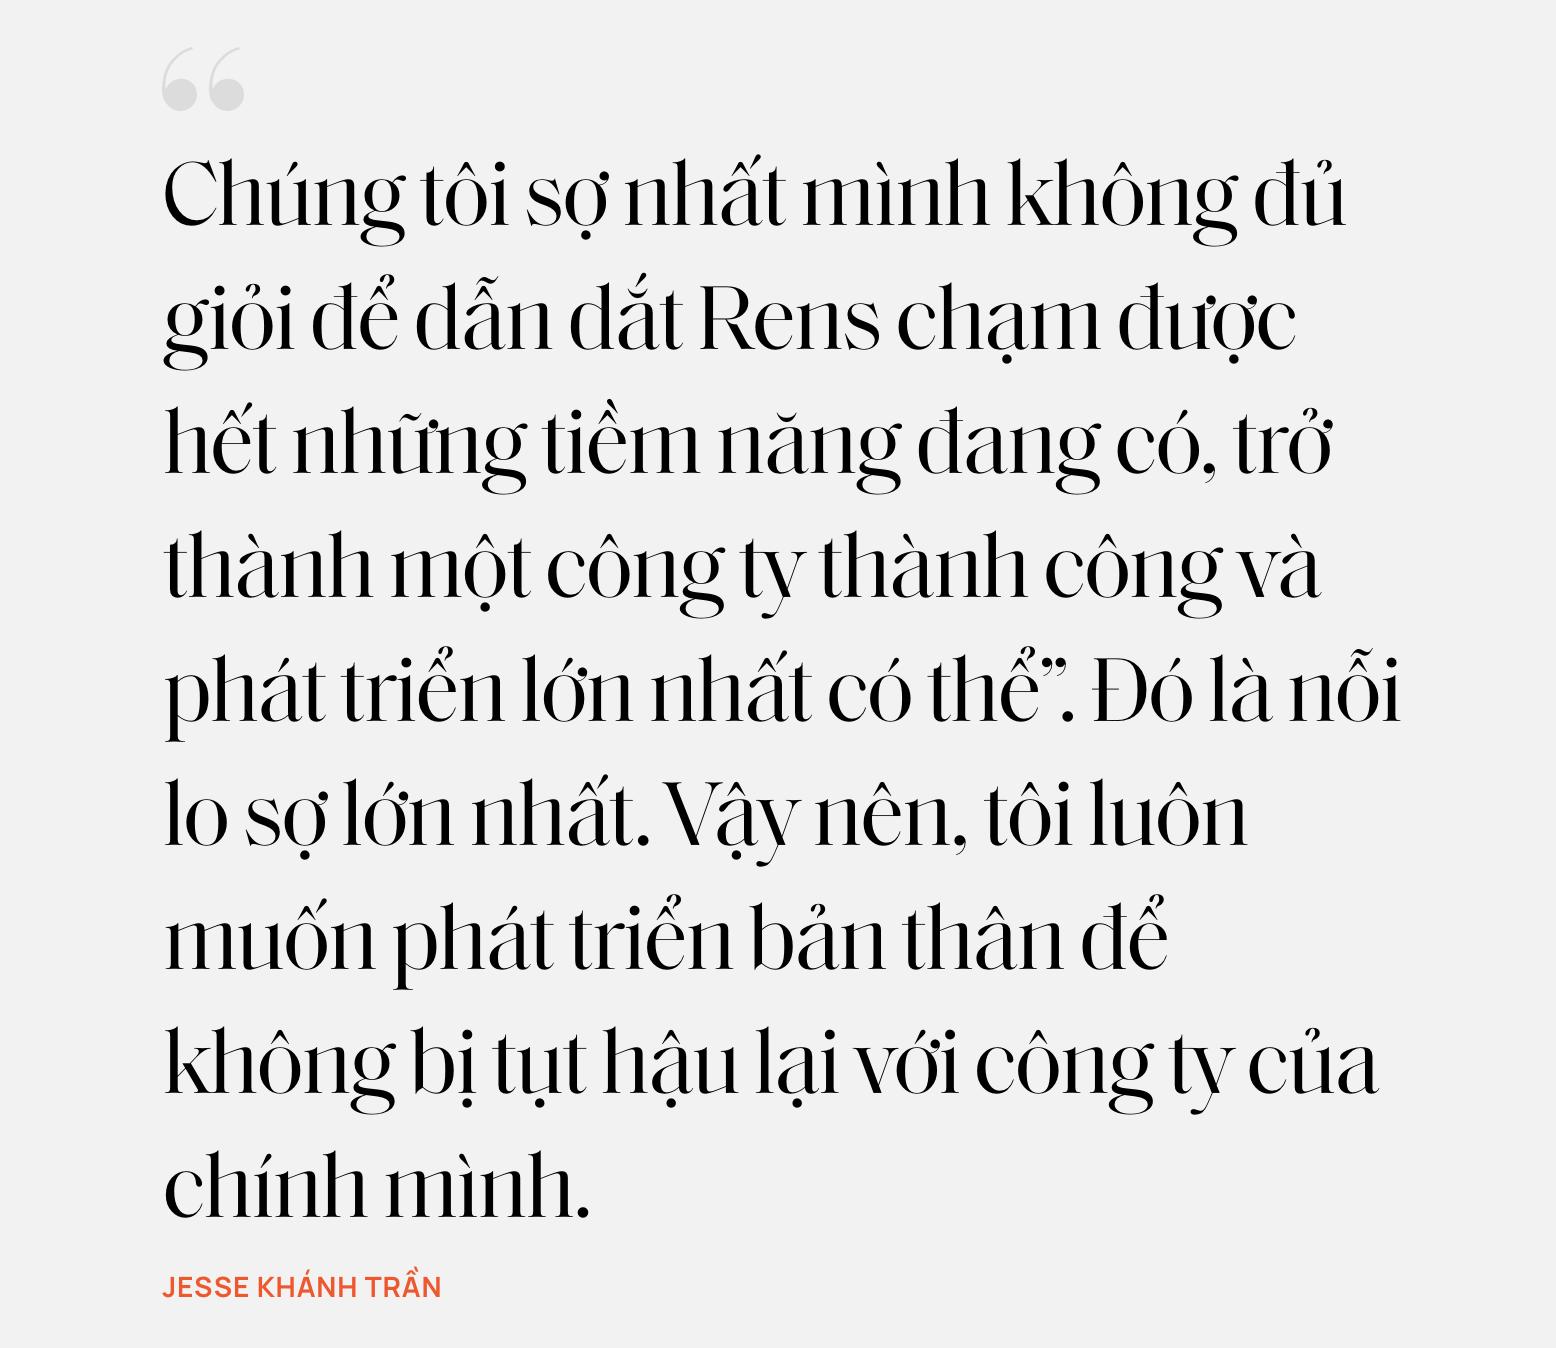 Jesse Khánh Trần và Sơn Chu: Bước ra thế giới với những đôi giày làm từ bã cafe và chai nhựa - Ảnh 10.